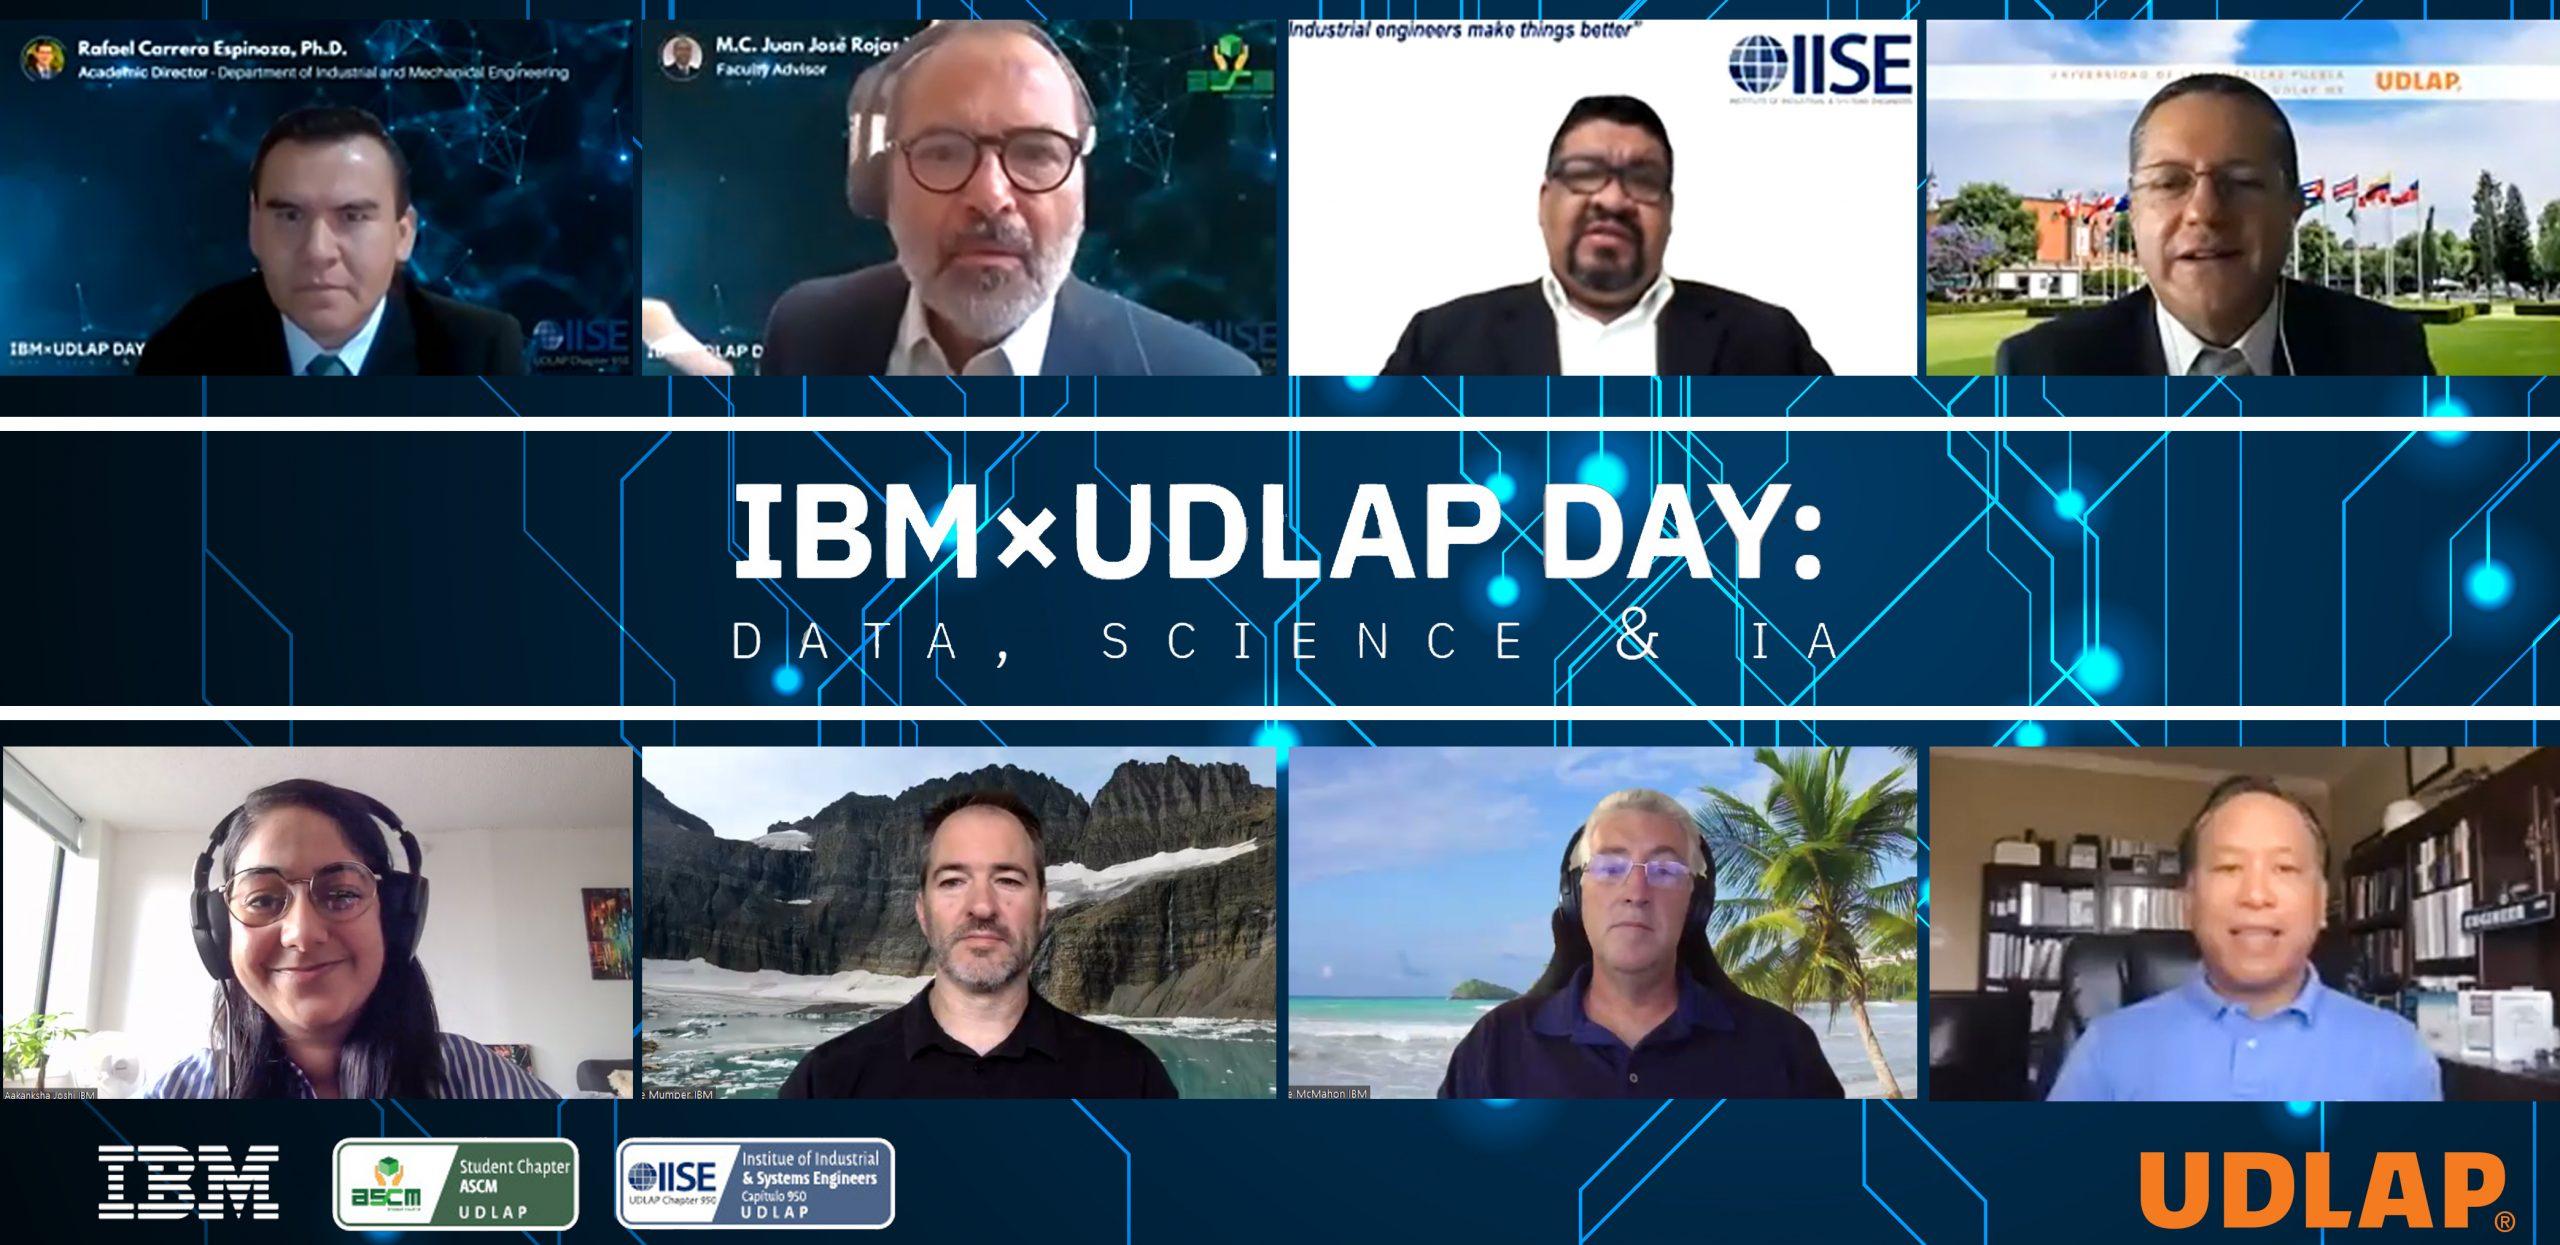 Estudiantes UDLAP realizan encuentro IBMxUDLAP Day: Data, Science & IA